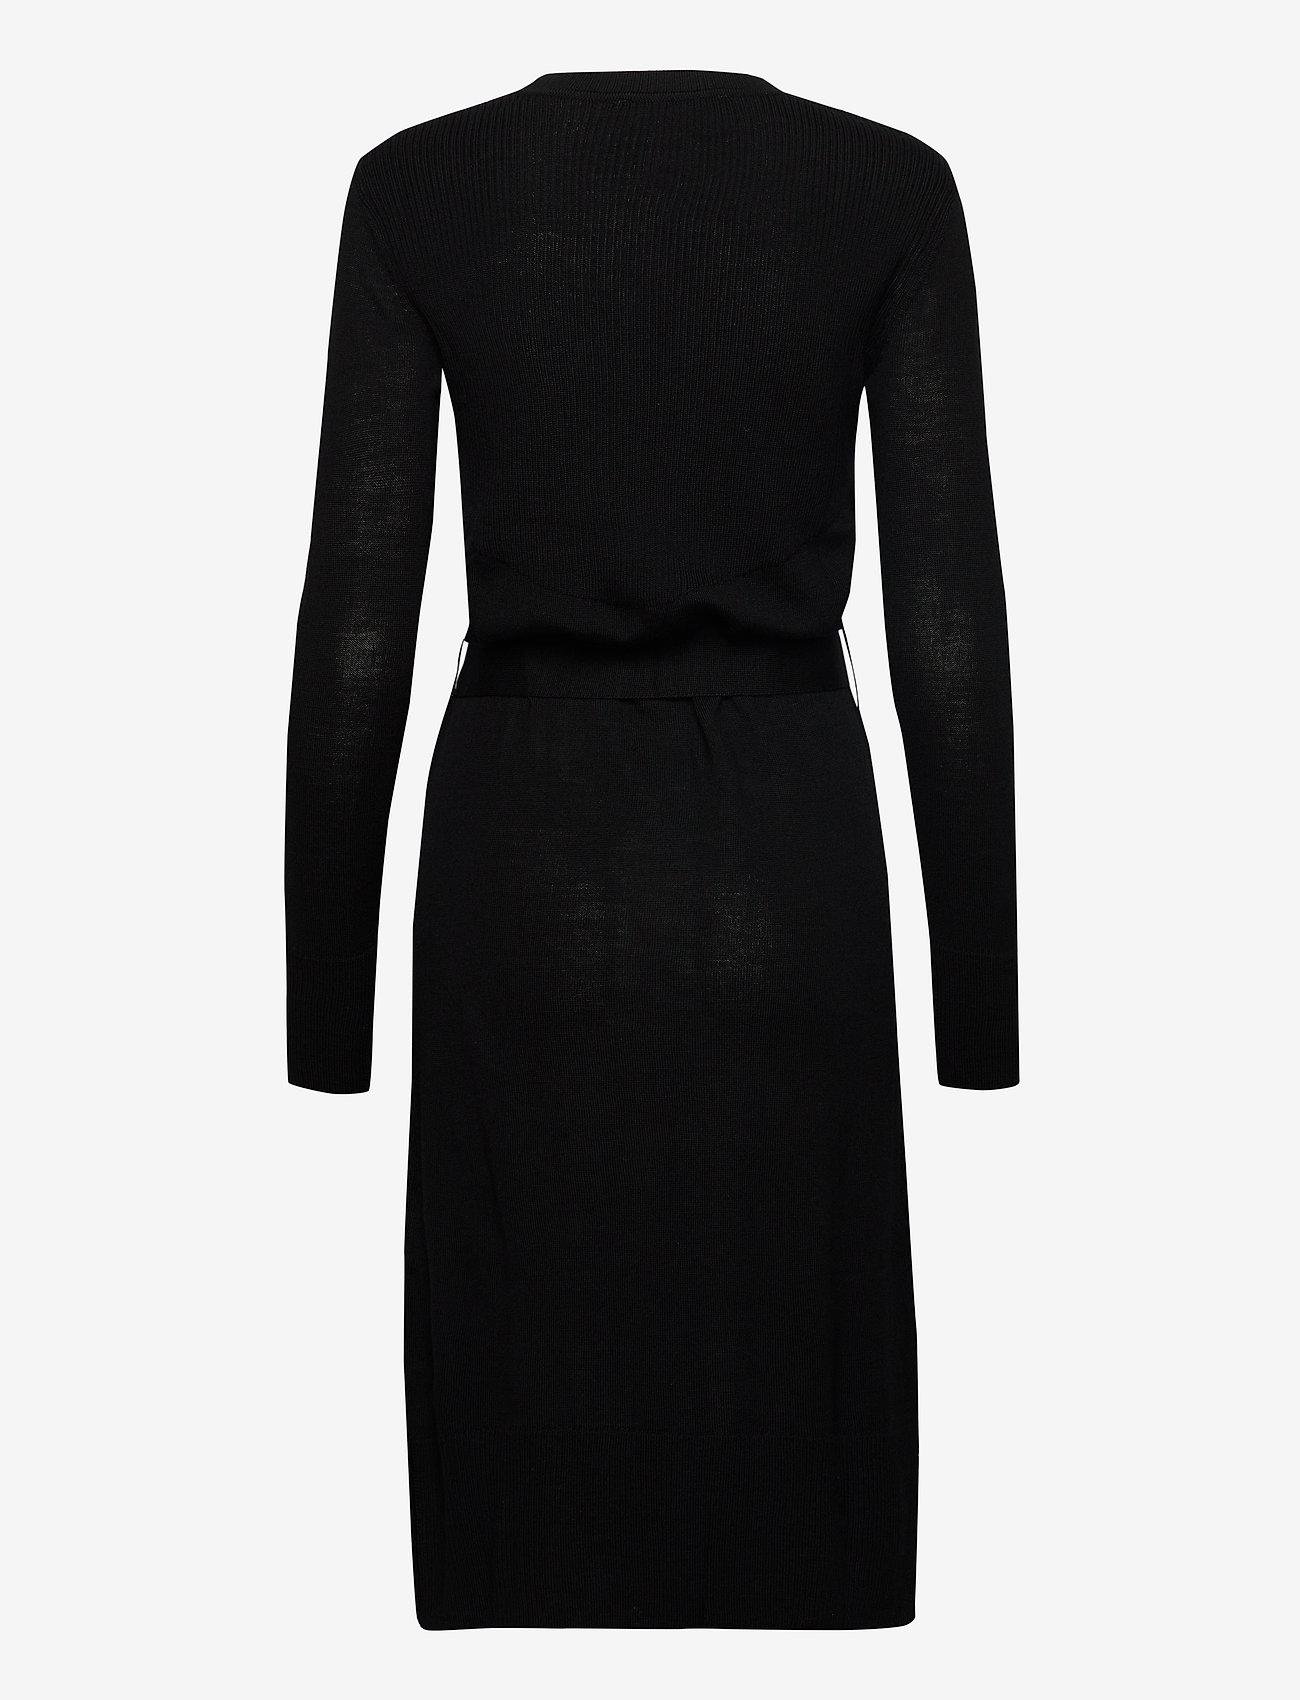 Rosemunde - Dress ls - midi kjoler - black - 1